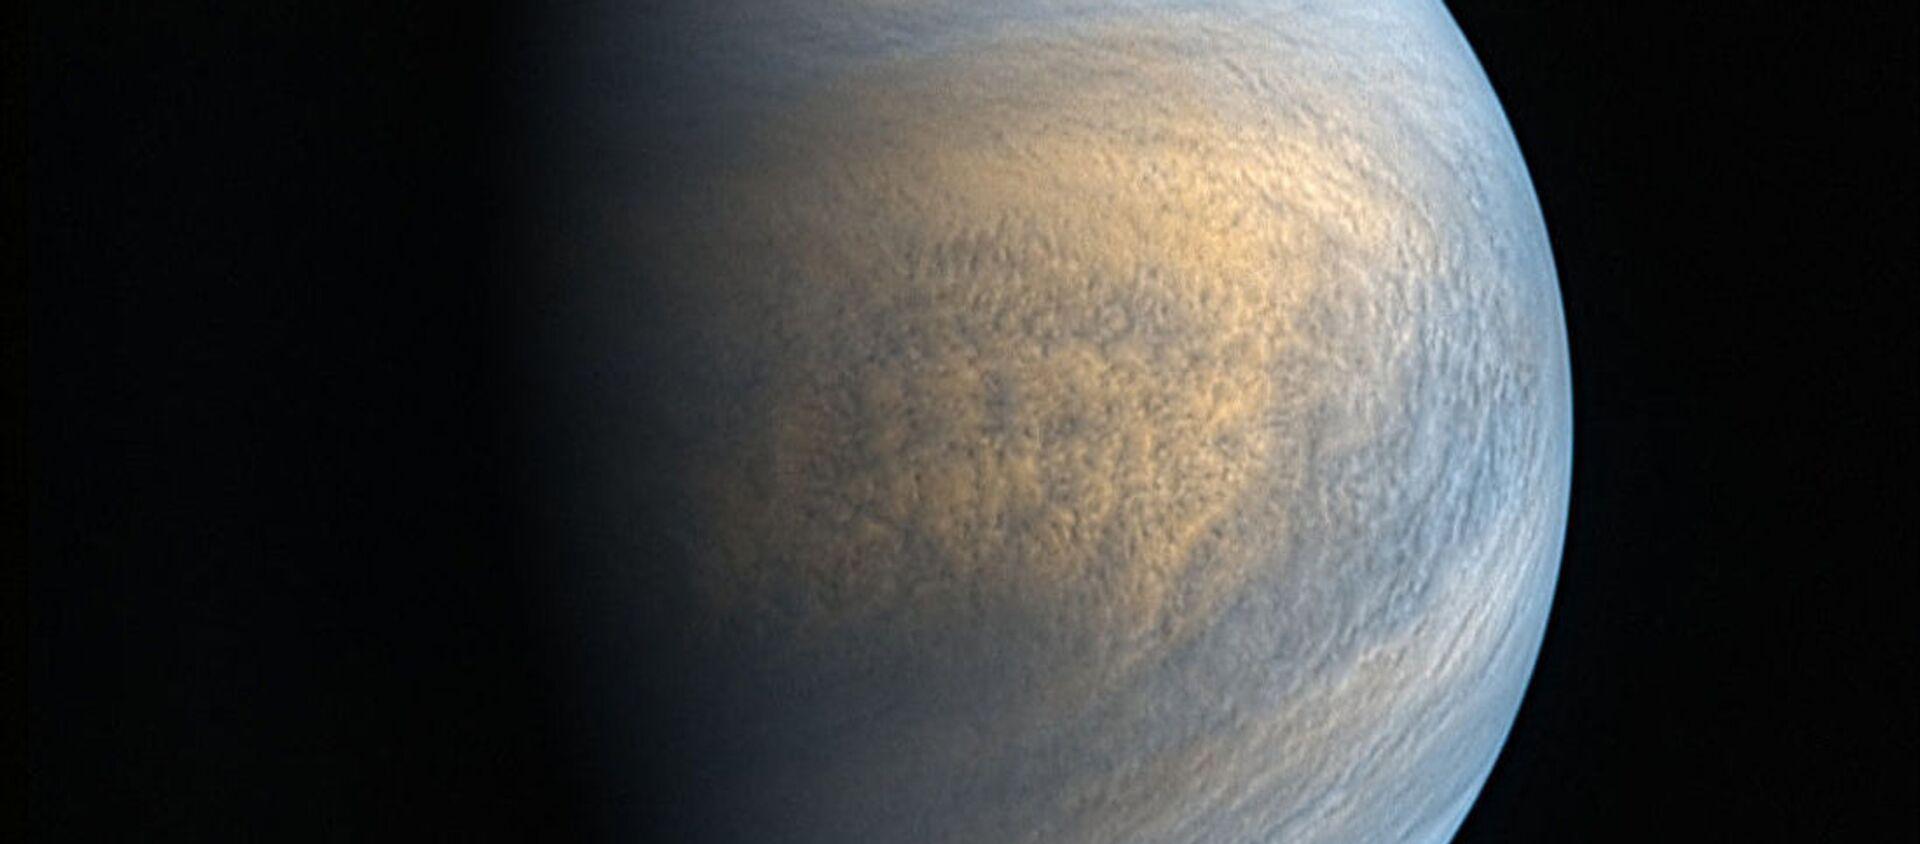 Zdjęcie Wenus w zakresie optycznym i ultrafioletowym wykonane przez kamery sondy Akatsuki - Sputnik Polska, 1920, 16.09.2020